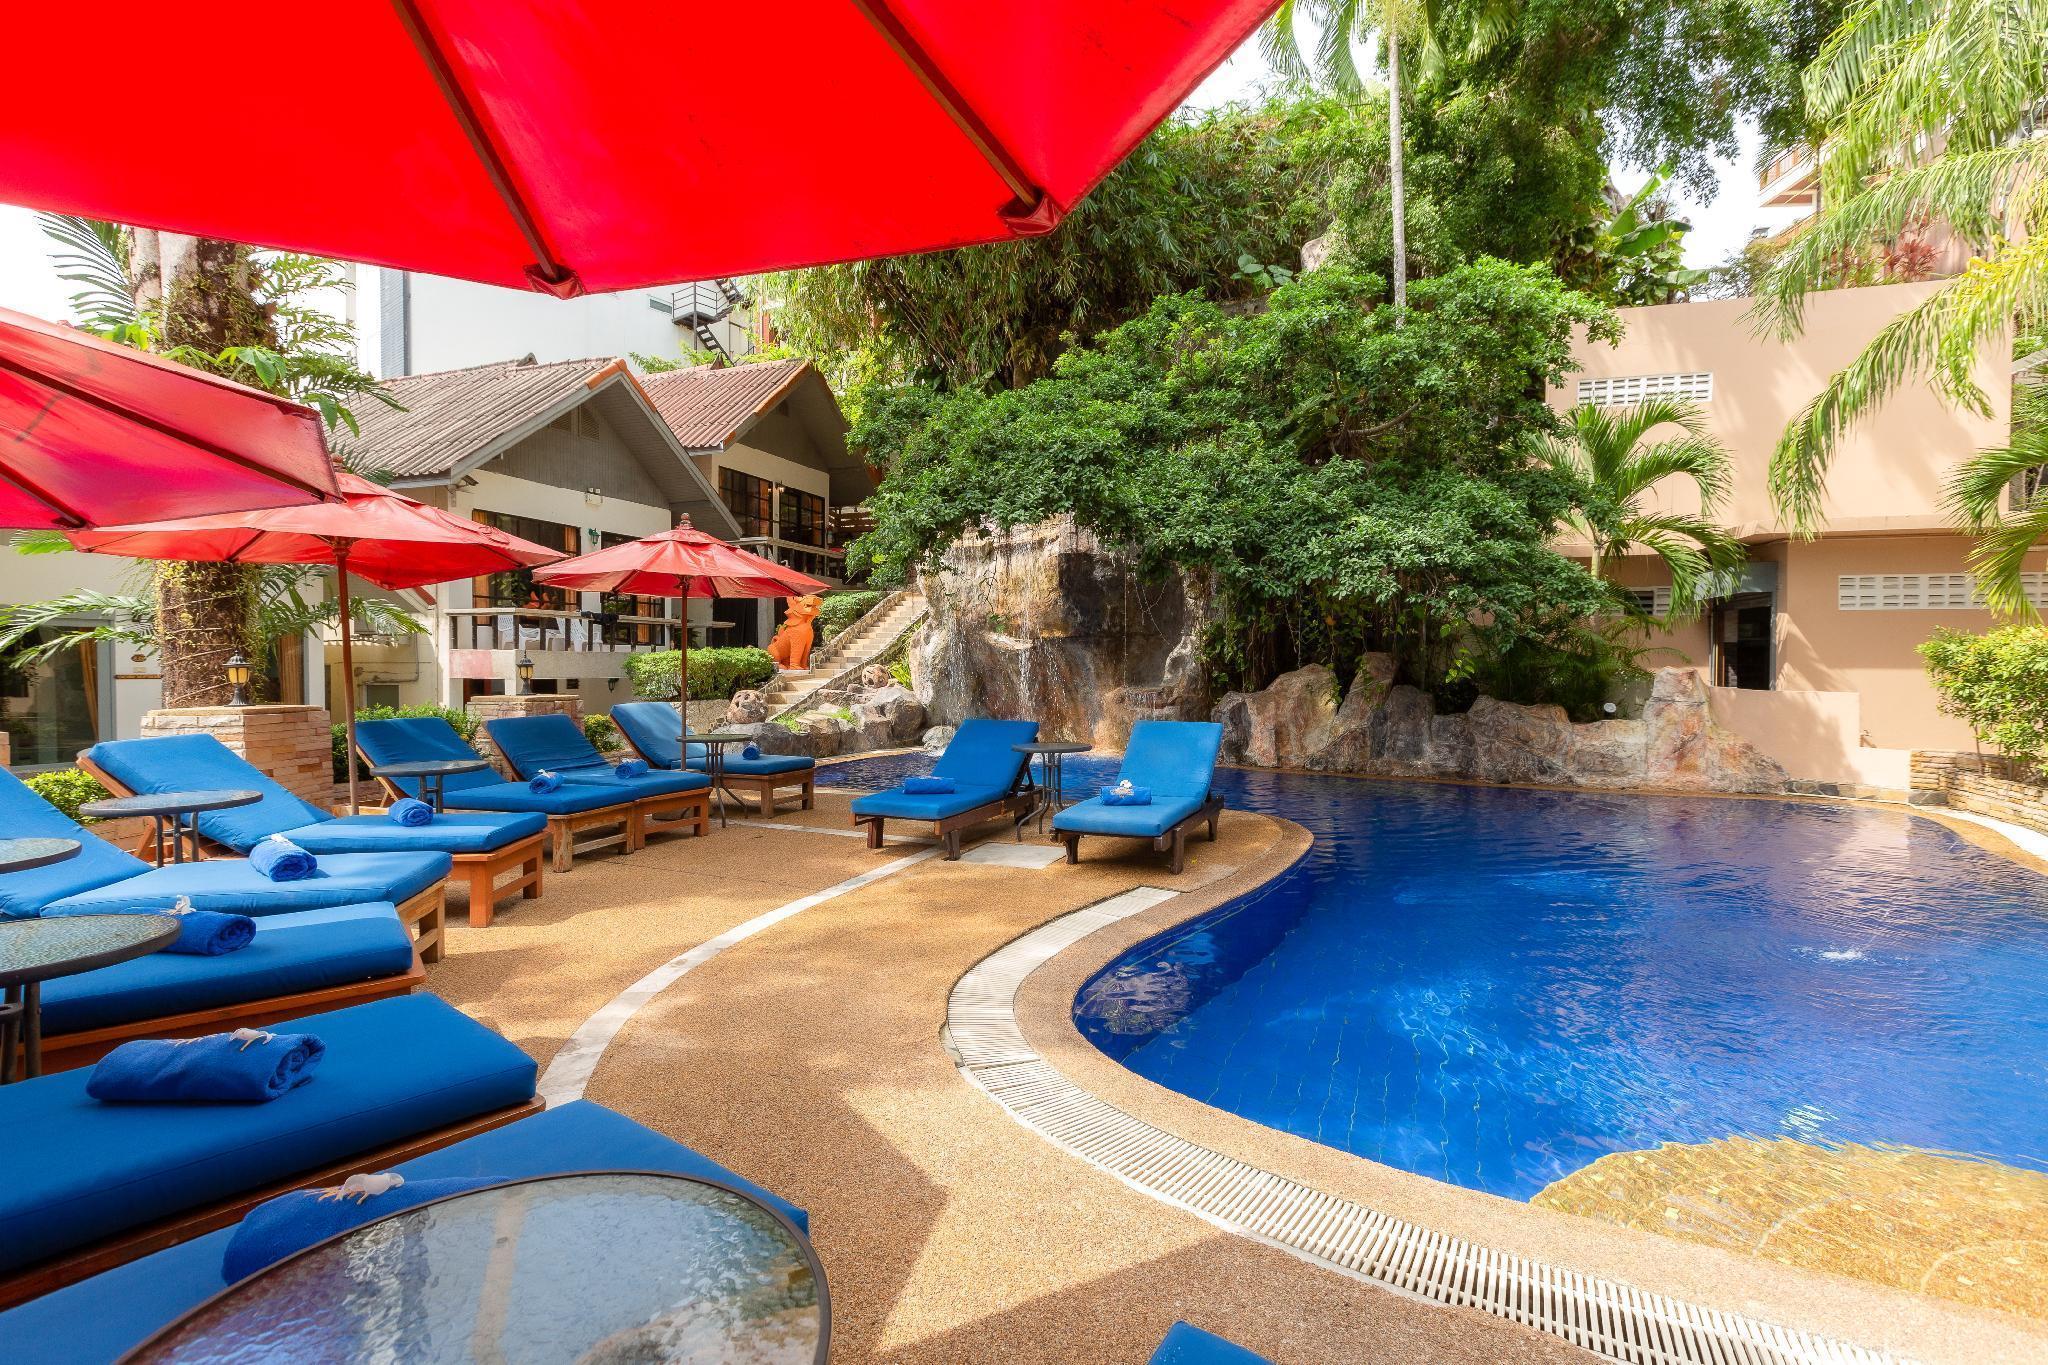 Club Bamboo Boutique Resort & Spa คลับ แบมบู บูติค รีสอร์ท แอนด์ สปา